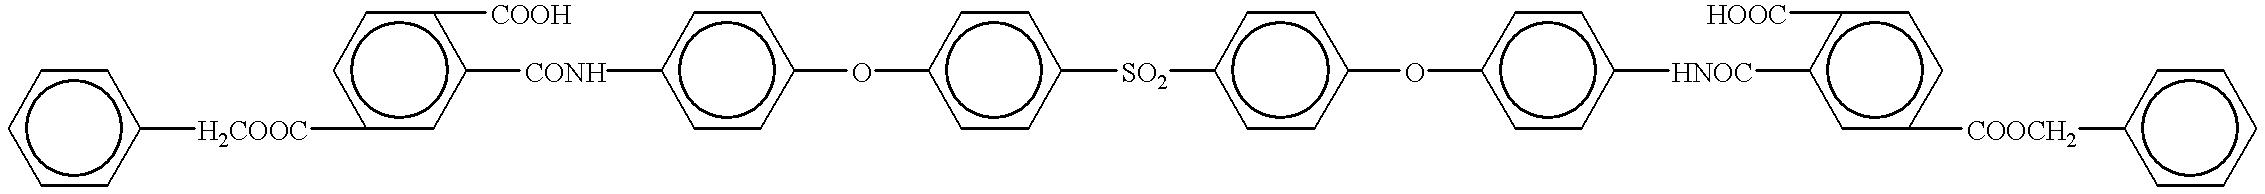 Figure US06180560-20010130-C00740